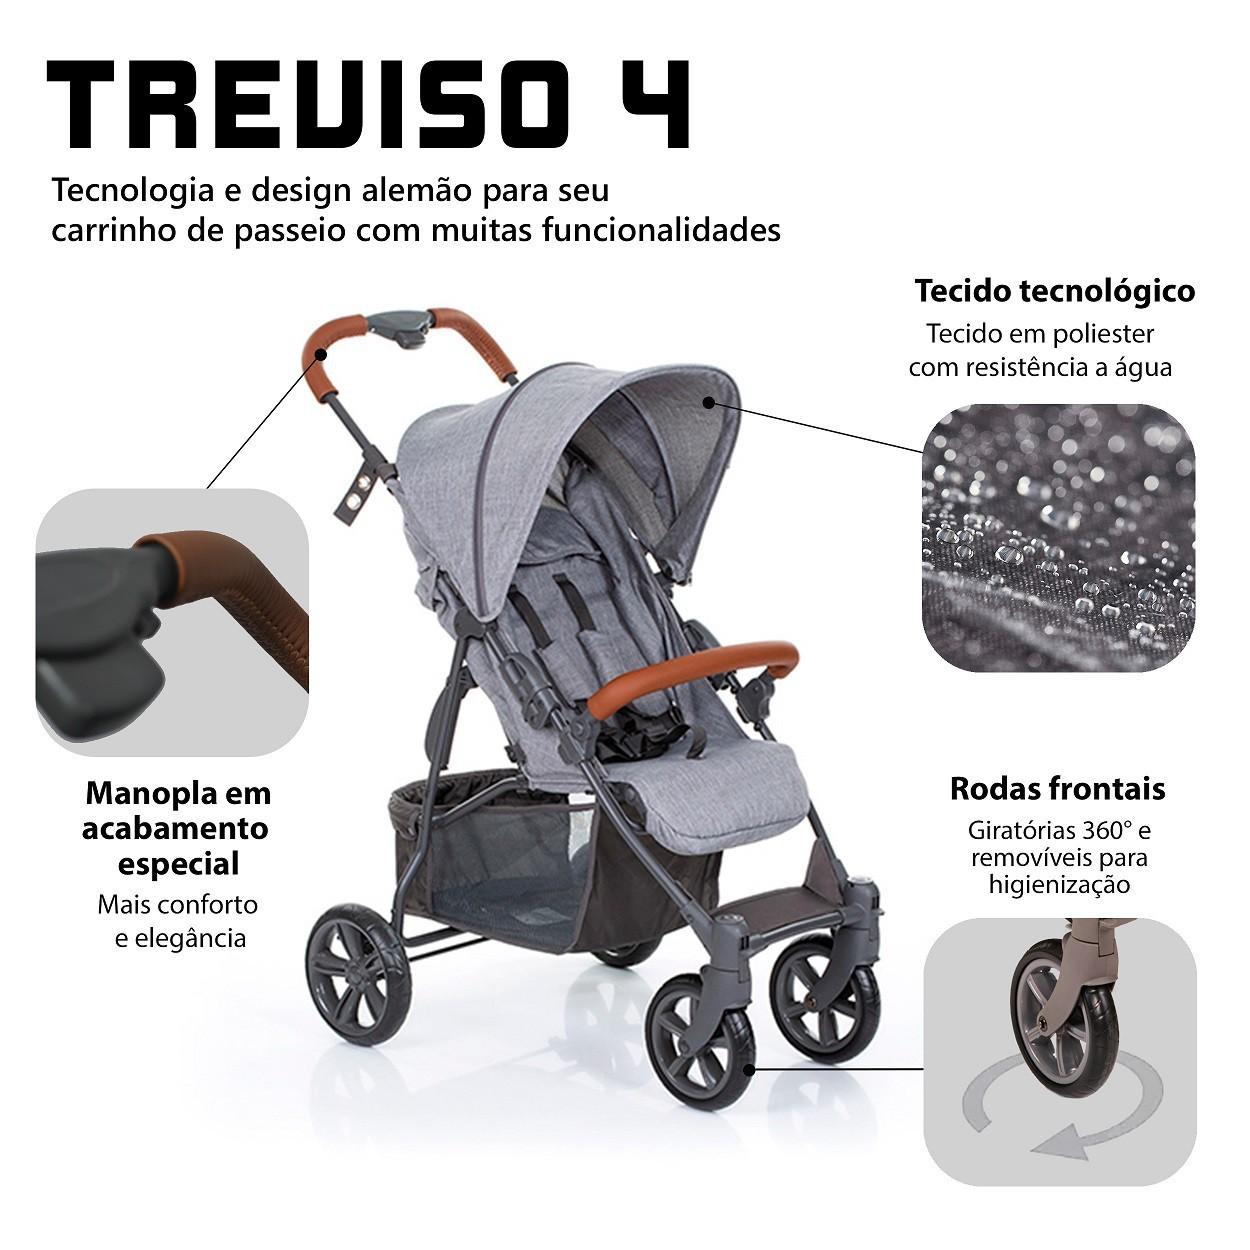 CARRINHO DE BEBÊ TREVISO 4 WOVEN GREY COM COURO - ABC DESIGN